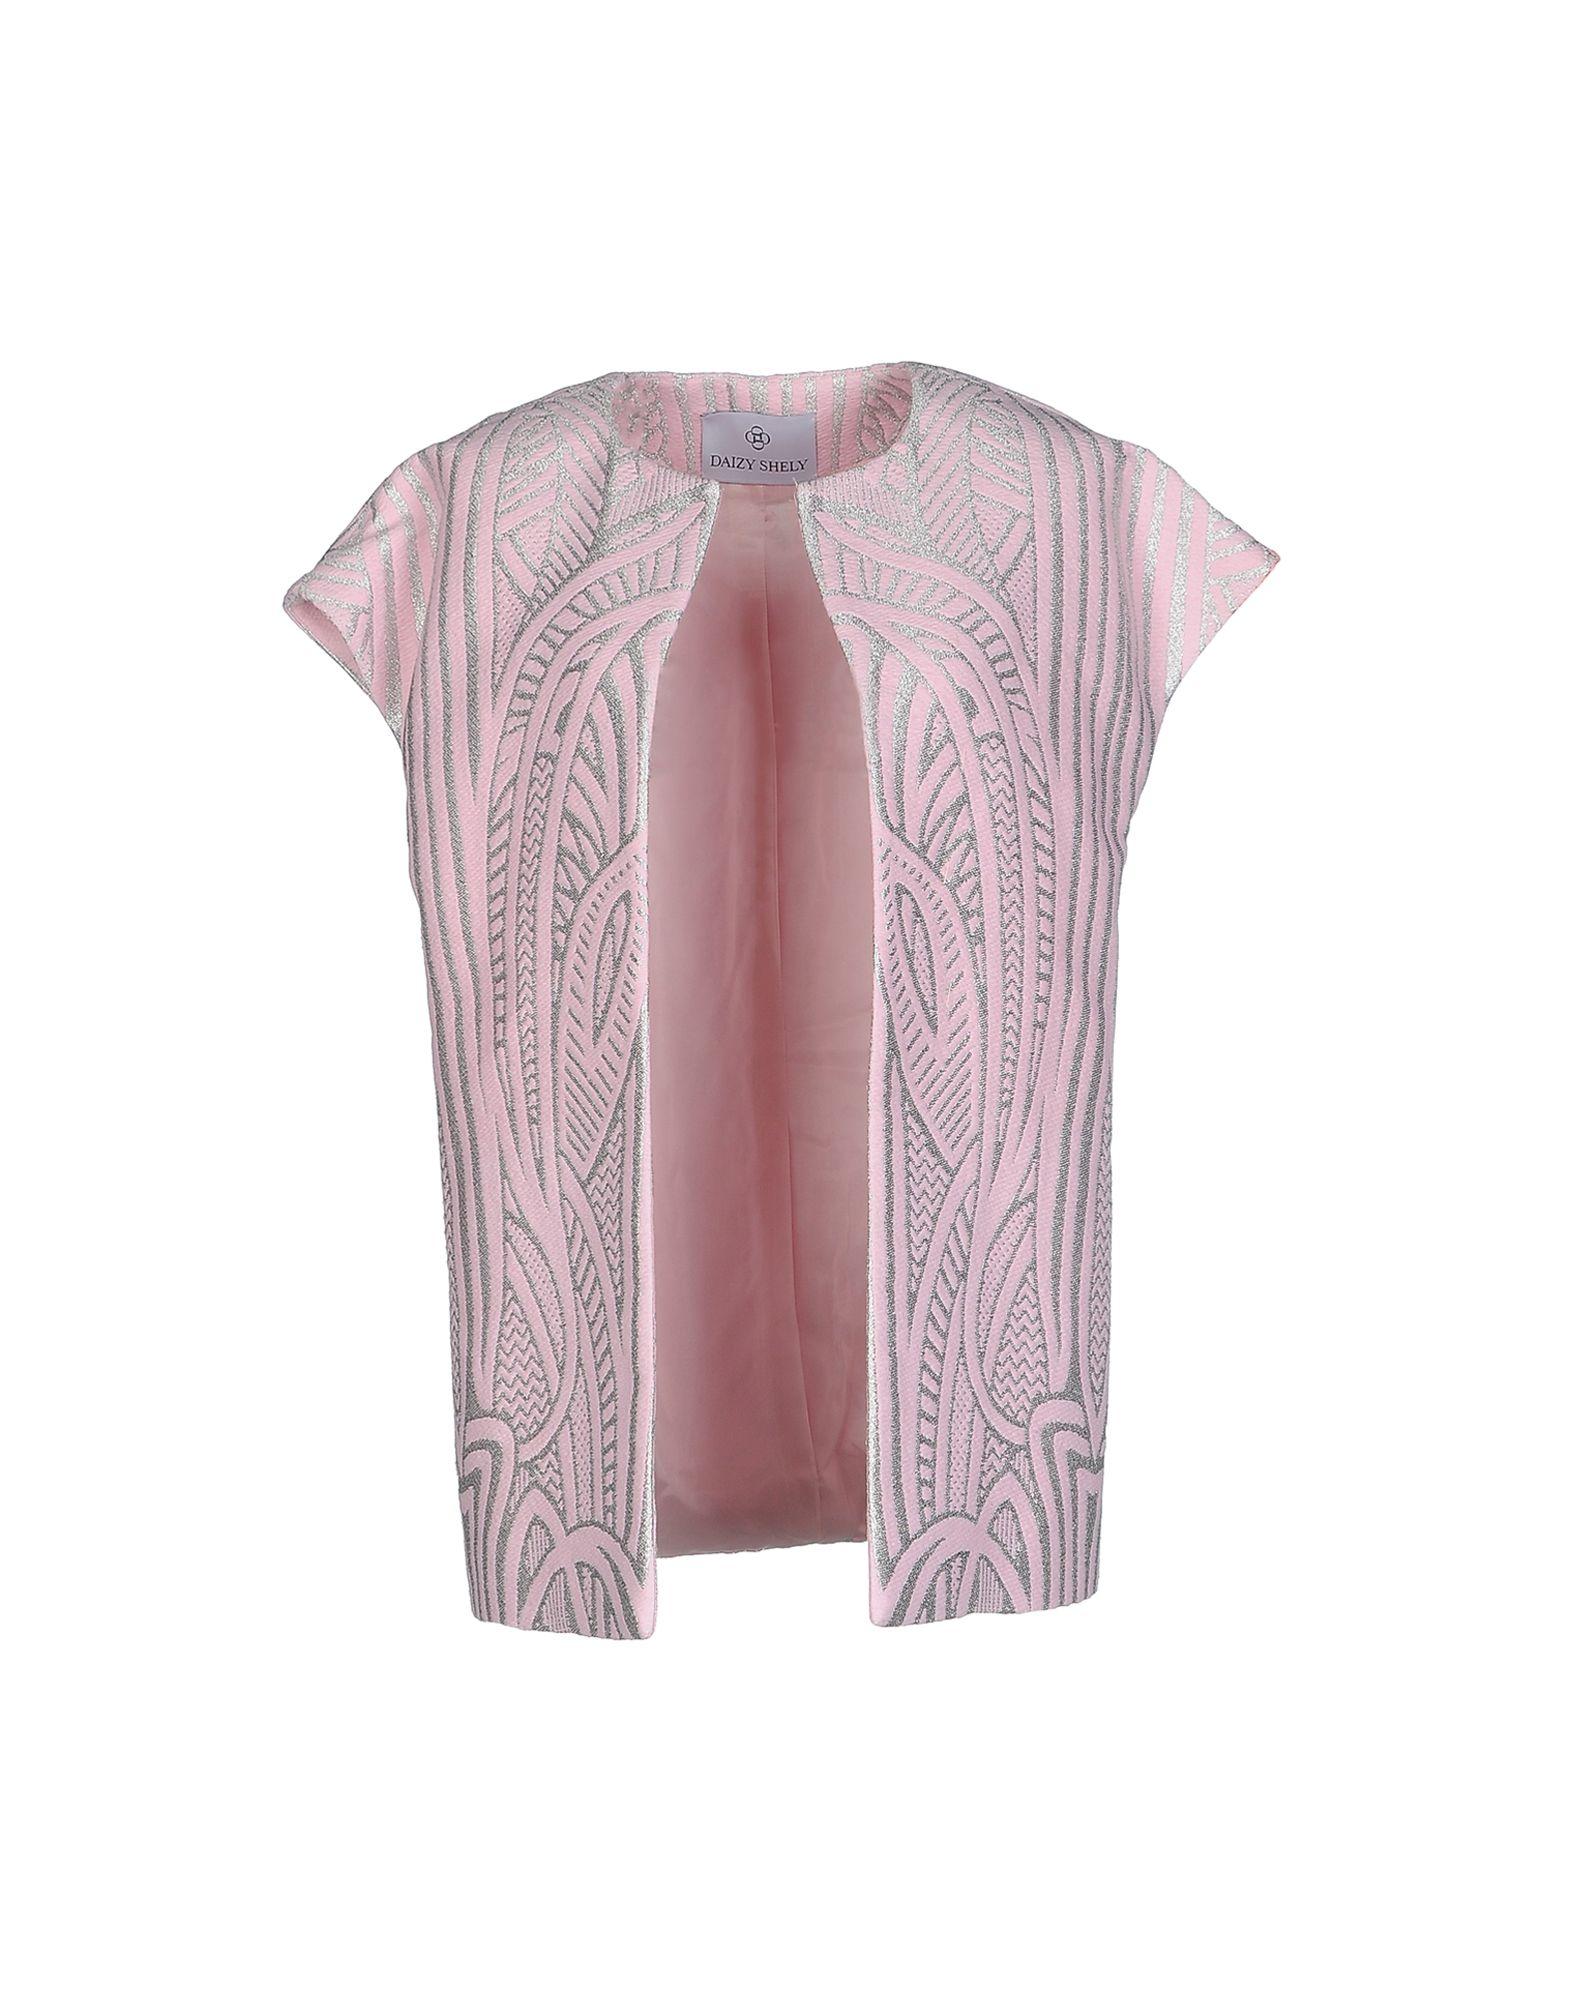 DAIZY SHELY Blazer in Pink